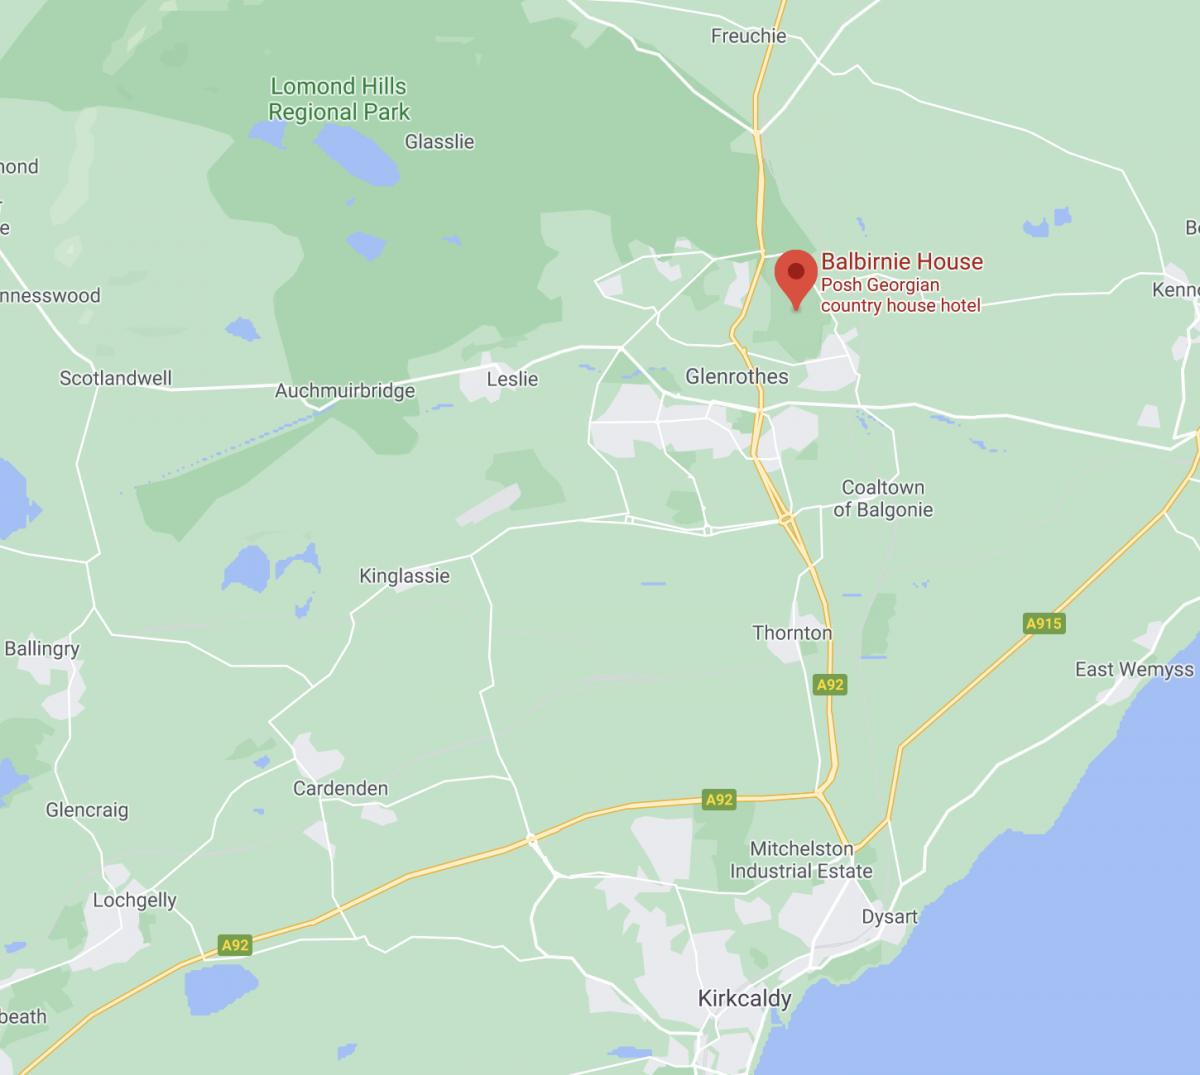 Balbirnie-house-map